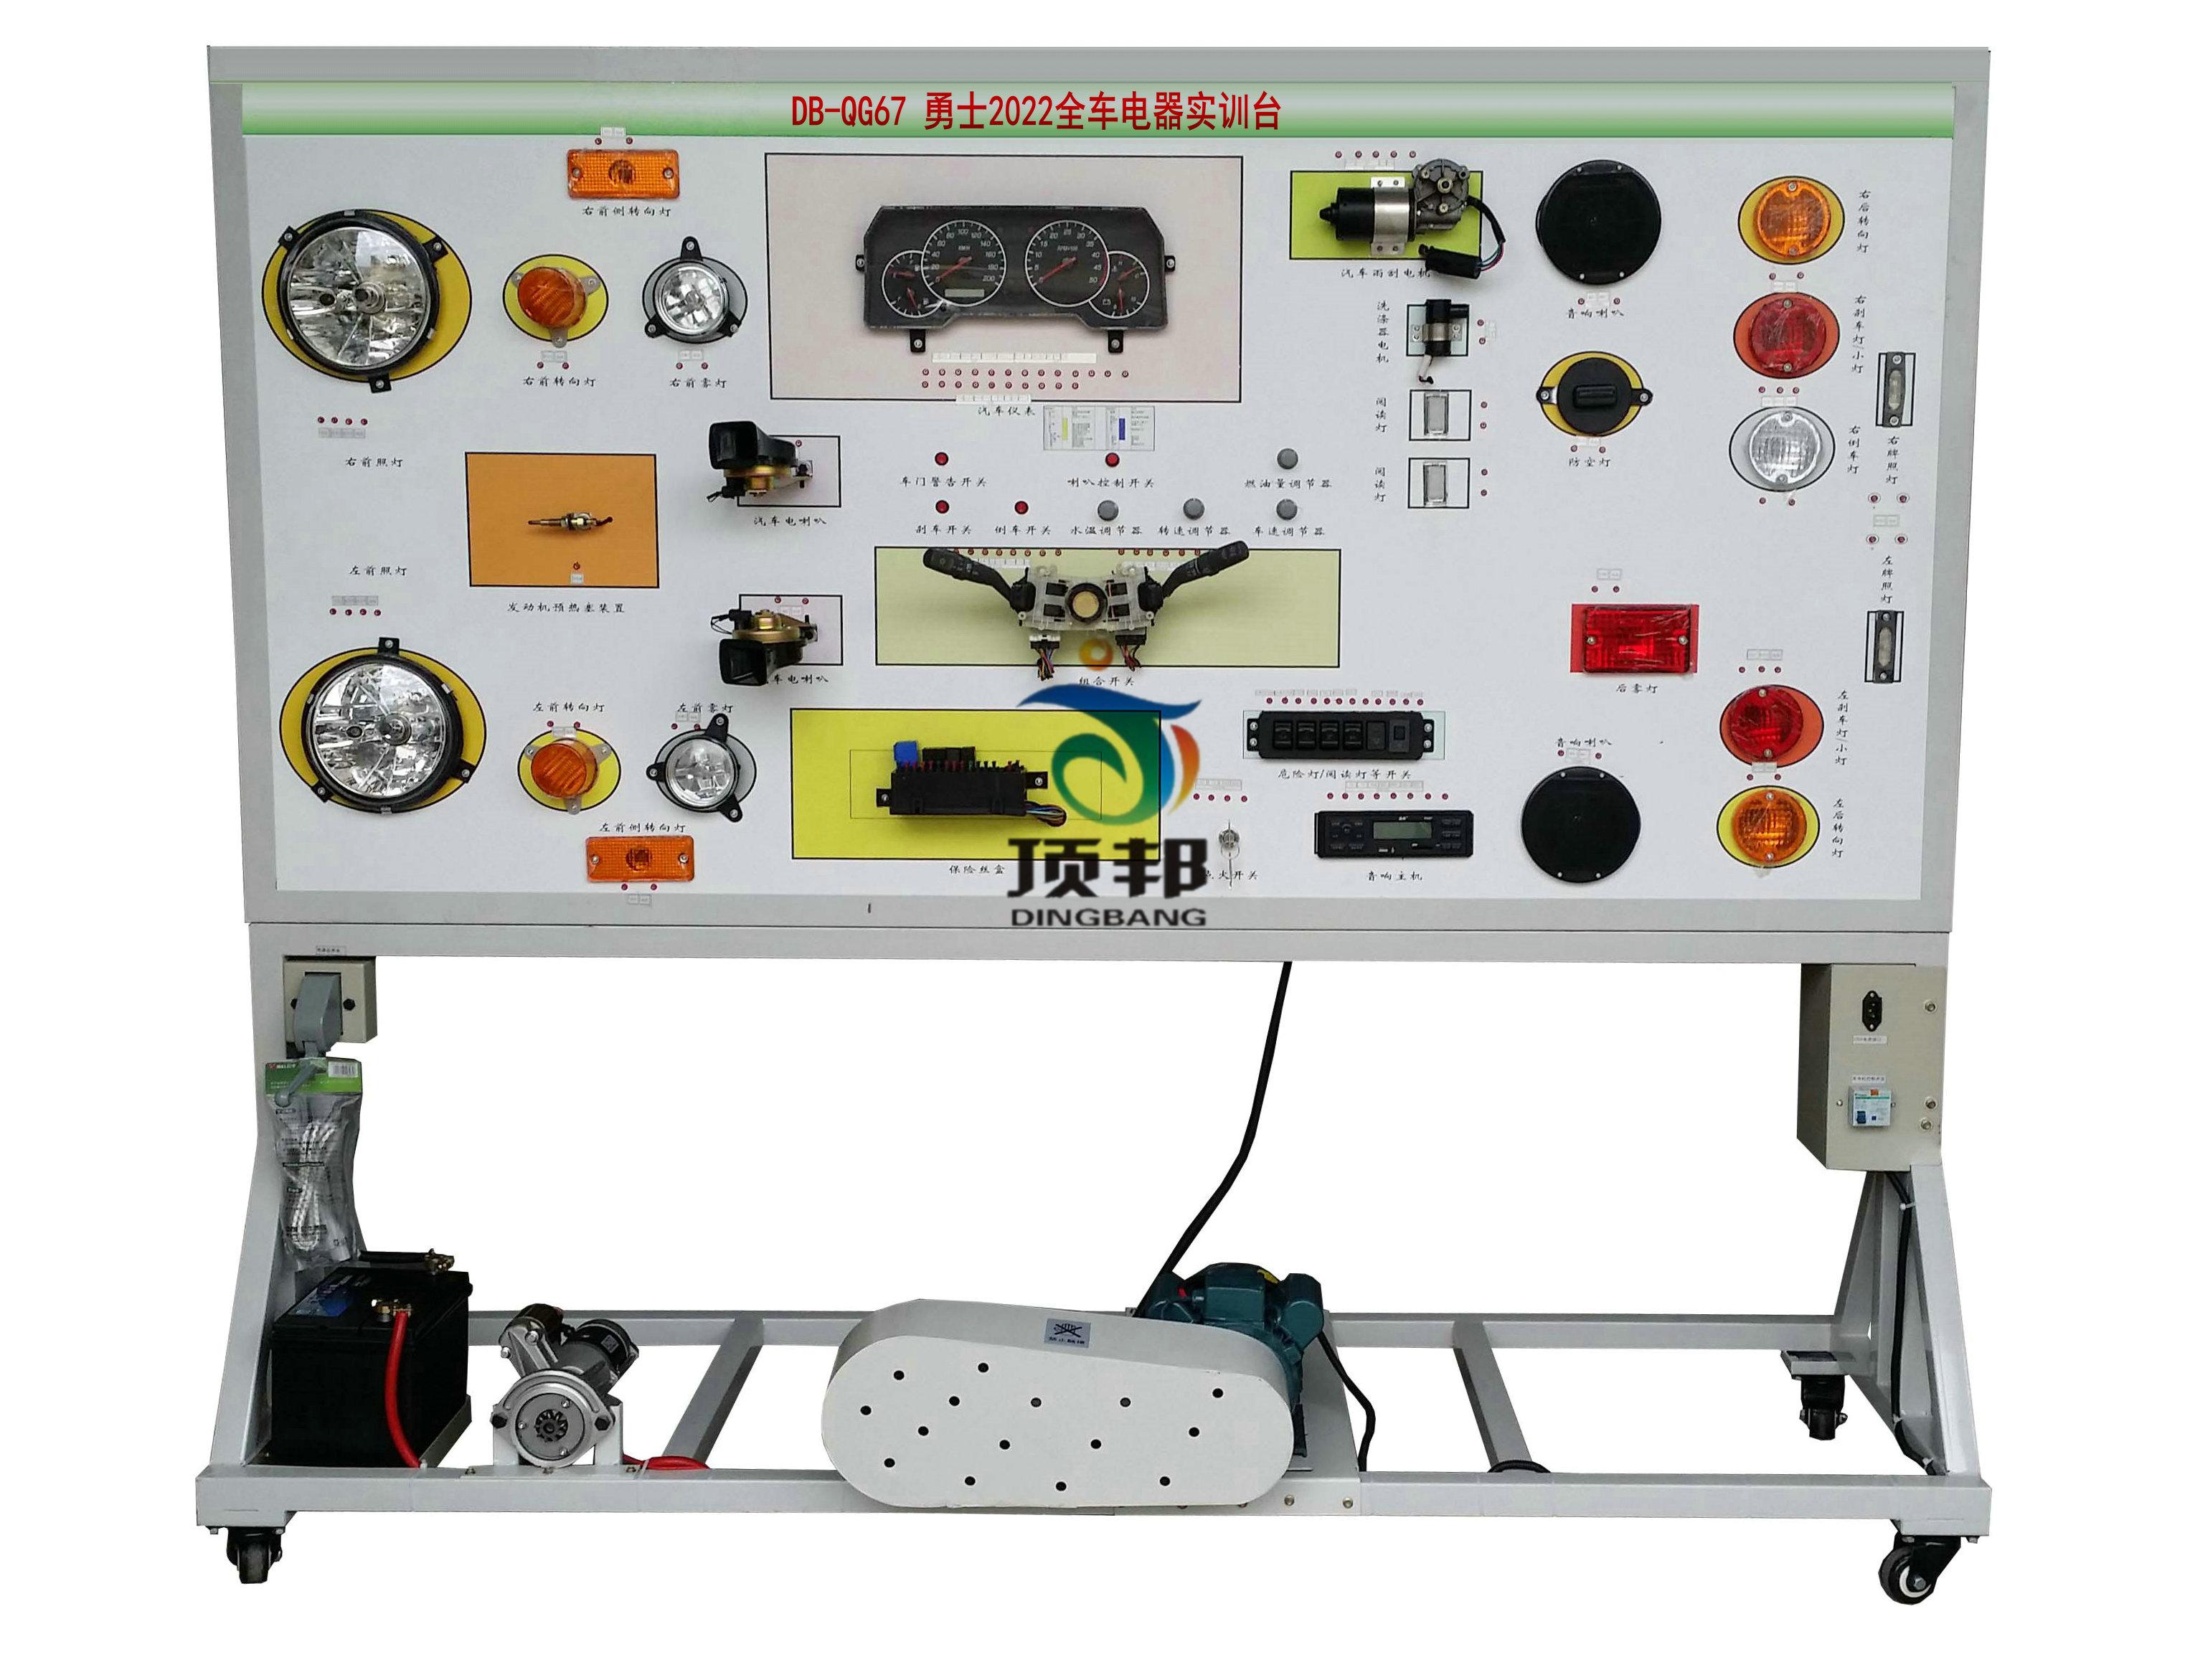 """该勇士2022全车电器实训台采用全新勇士BJ2022柴油机原车电器实物为基础,充分展示汽车仪表系统、灯光系统、雨刮系统、喇叭系统、发动机电器系统、起动系统和充电系统等汽车电器各系统的组成结构和工作过程。 适用于学校对整车电器理论和维修实训的教学需要。 本设备满足汽车职业教育的""""五个对接十个衔接""""的教学需要。 二、功能特点 1."""